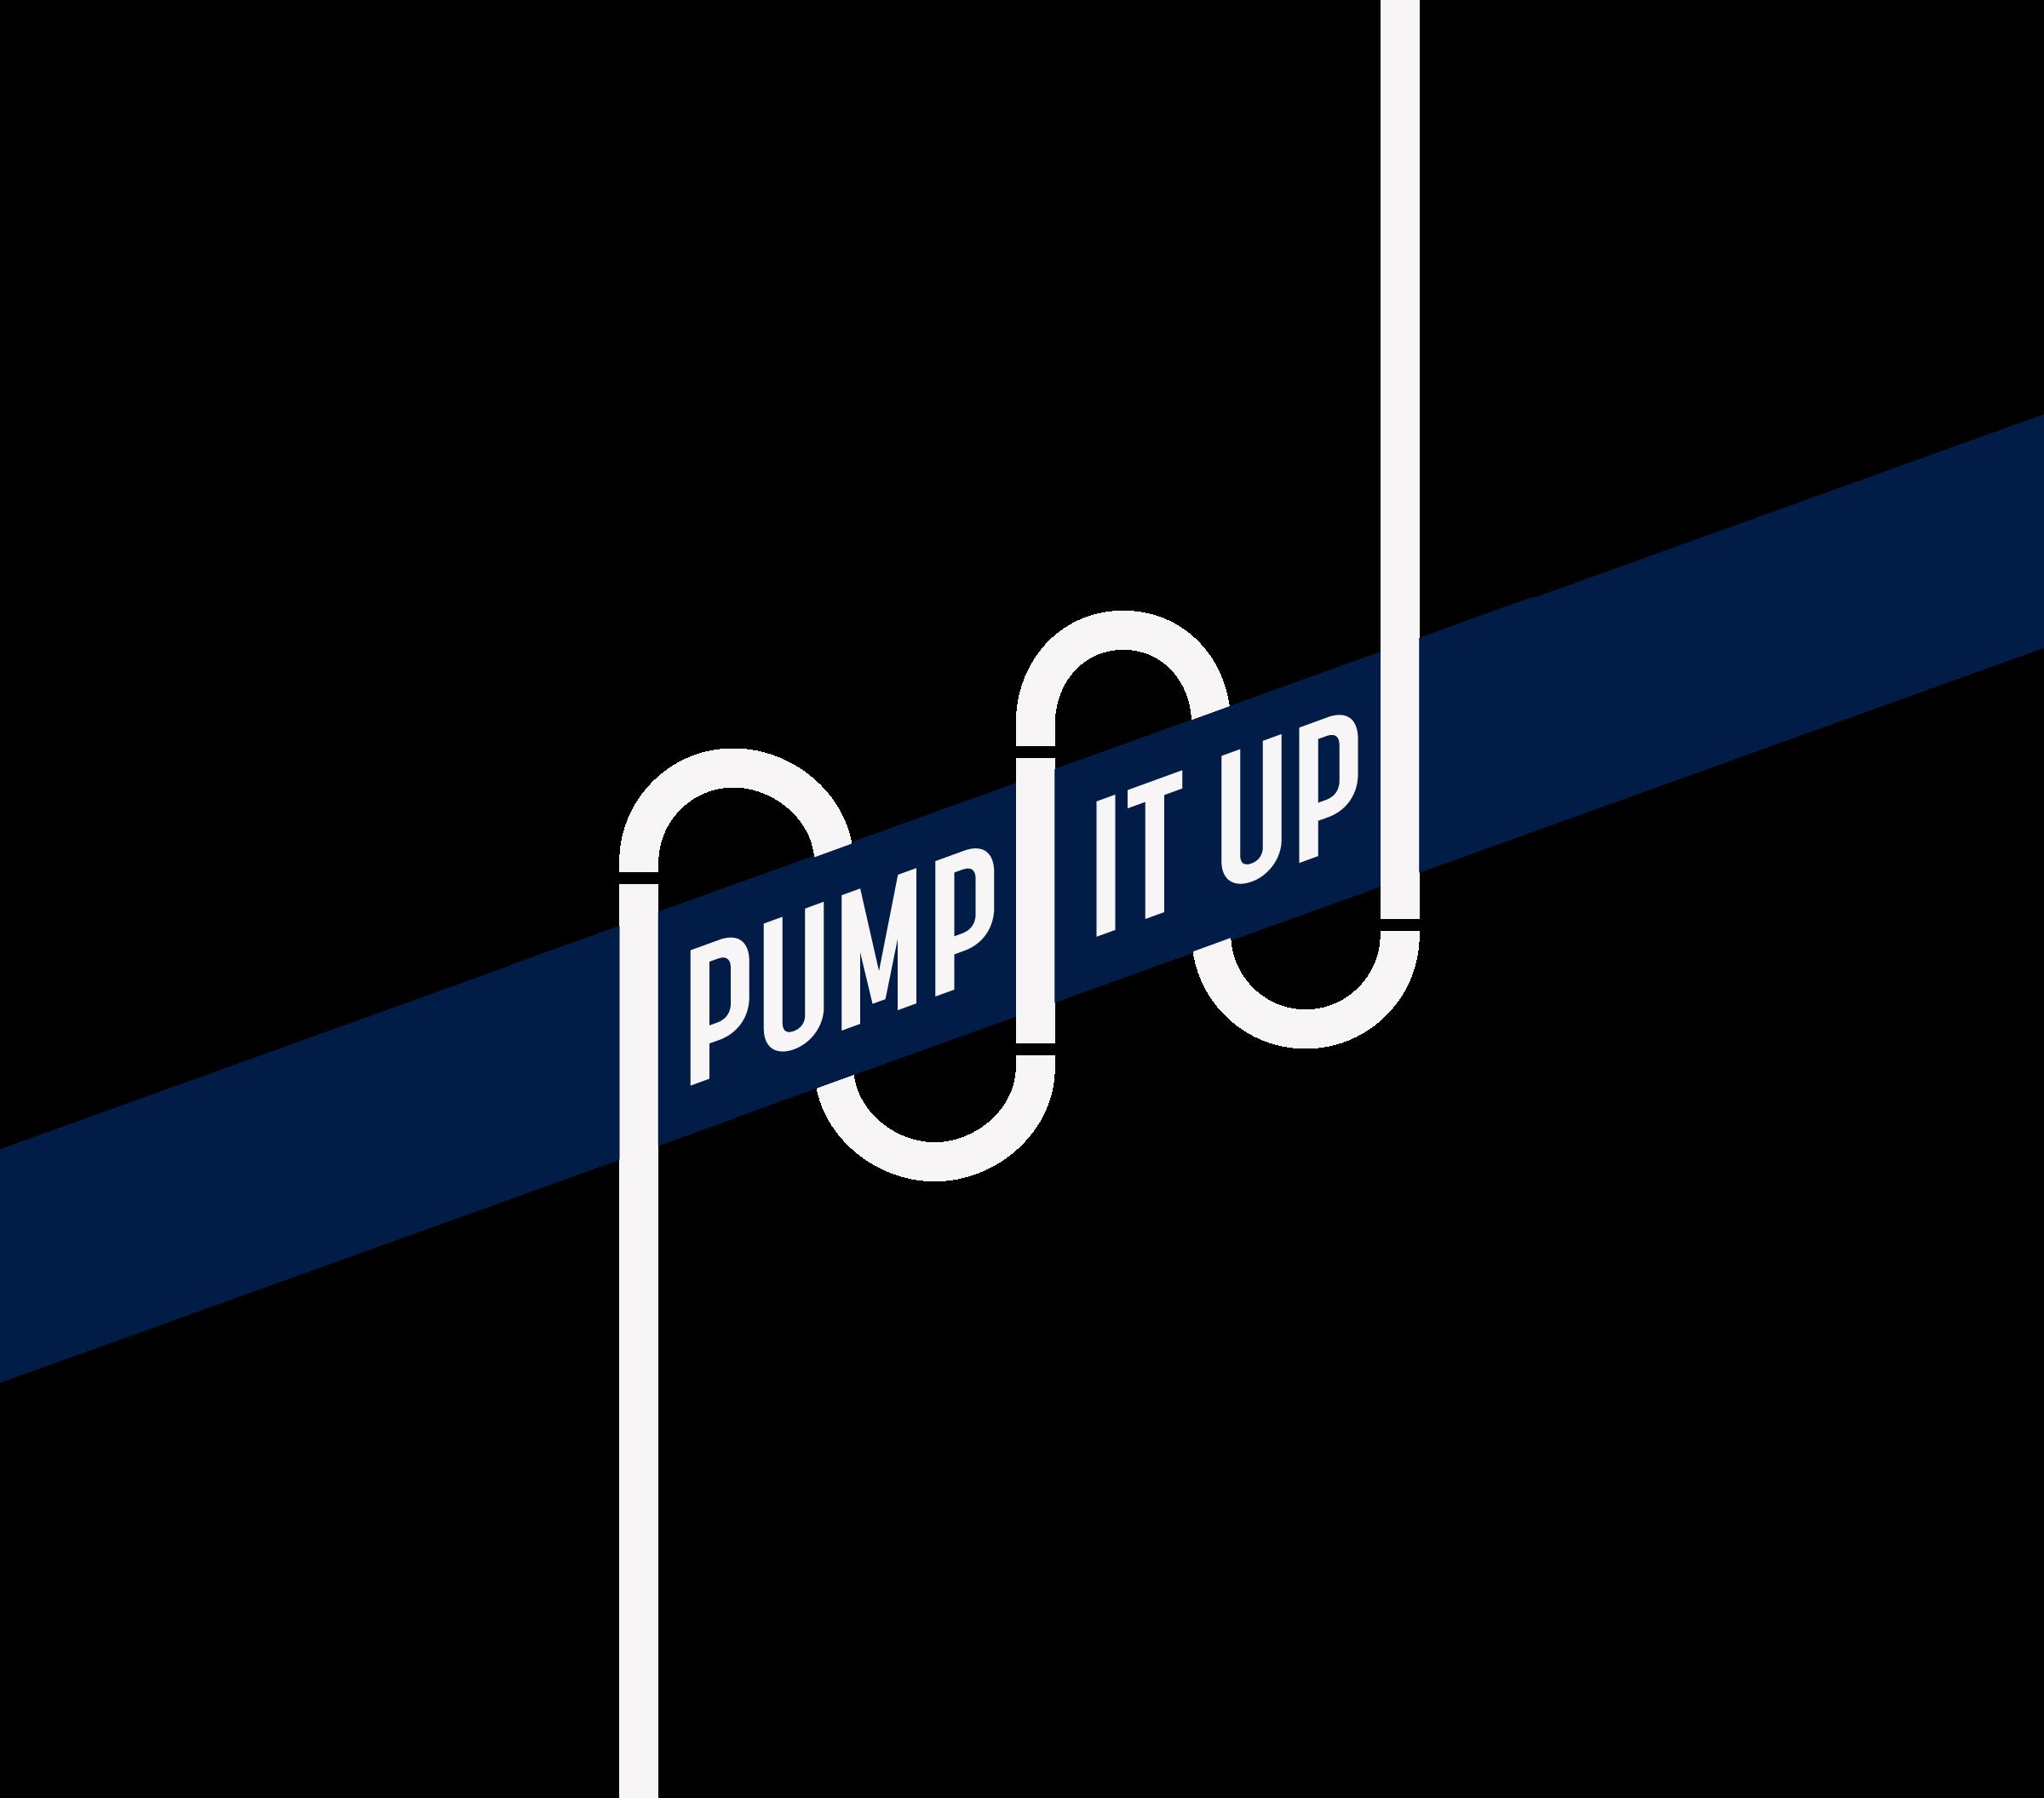 Pump it Up campaign logo.